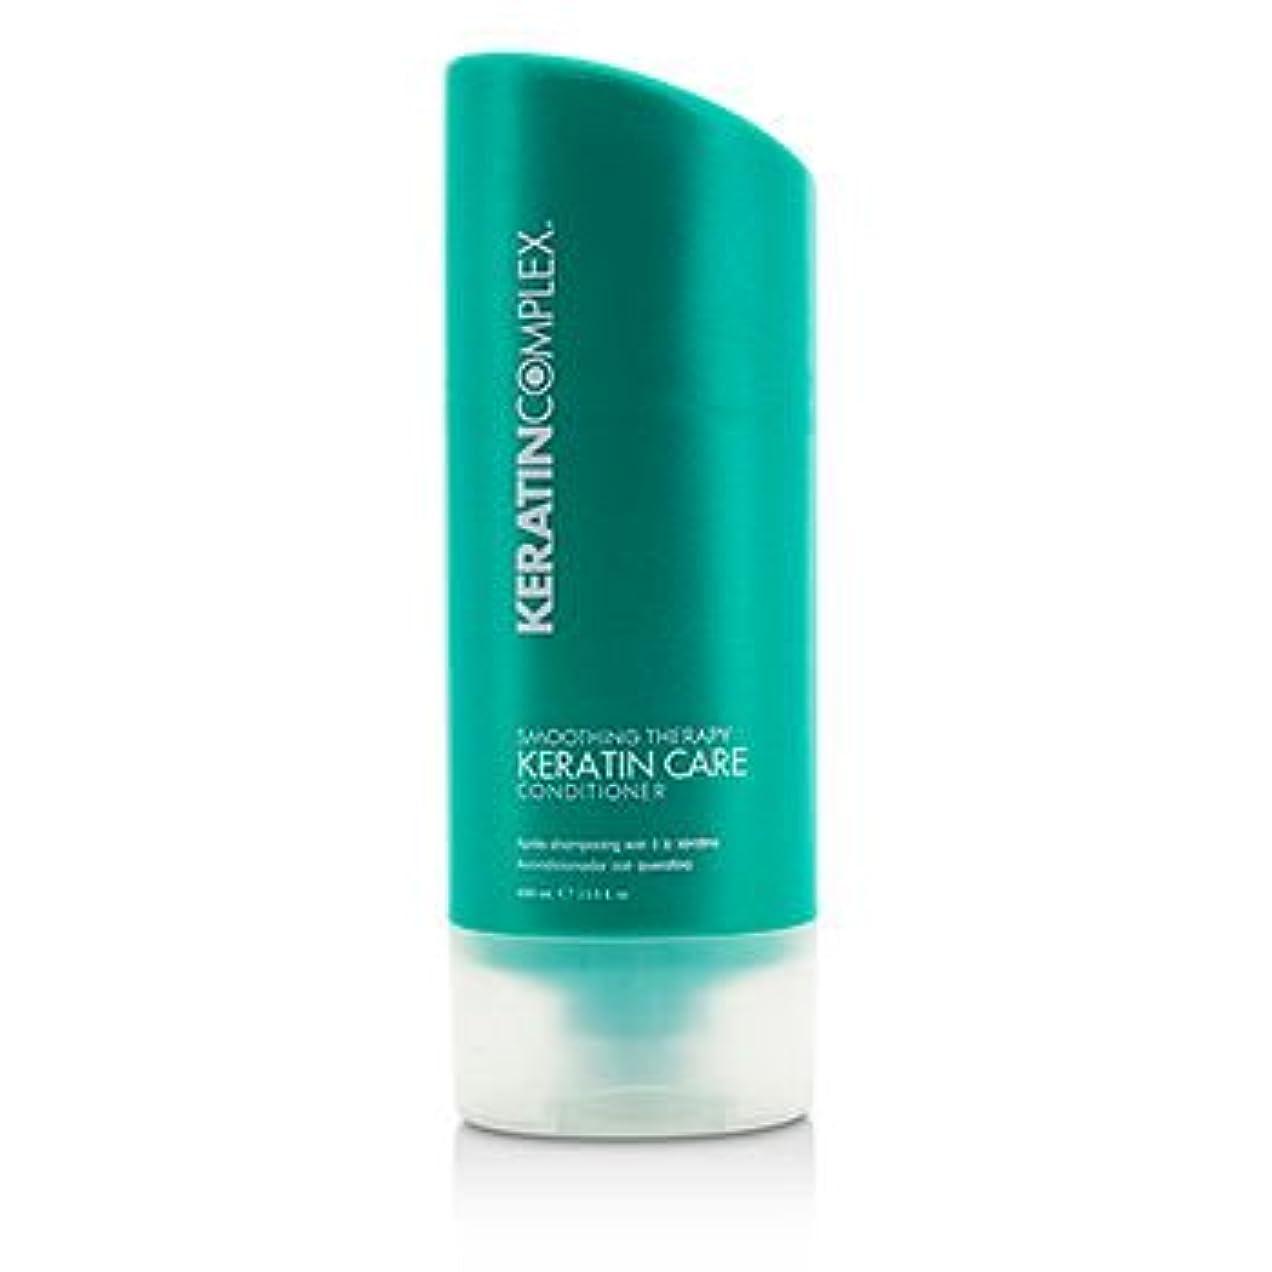 先見の明不毛断線[Keratin Complex] Smoothing Therapy Keratin Care Conditioner (For All Hair Types) 400ml/13.5oz